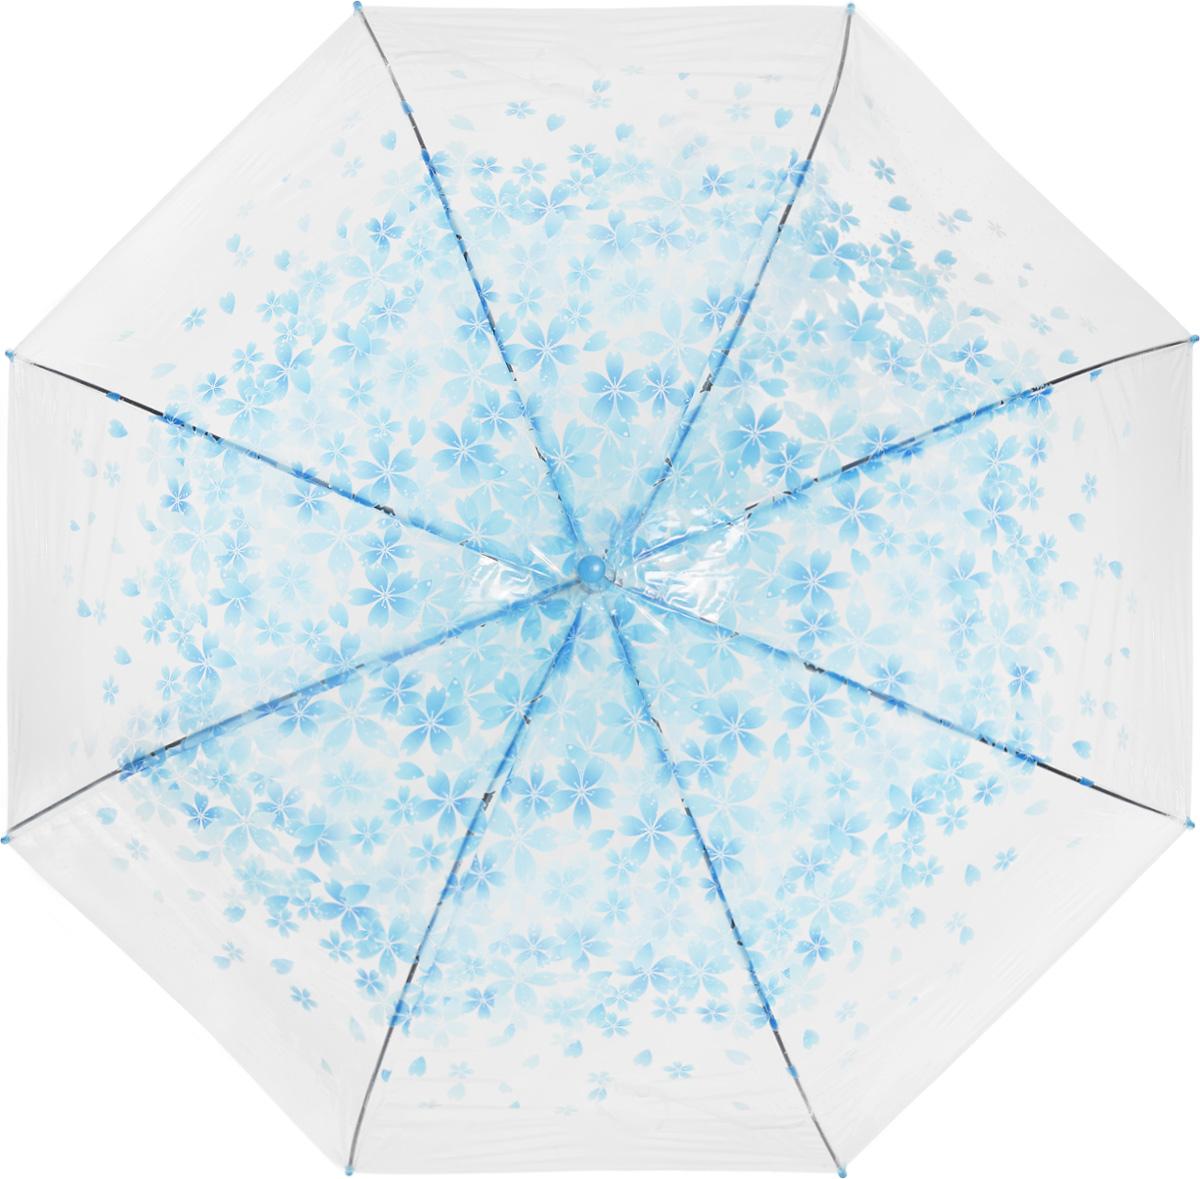 Зонт женский Эврика, цвет: голубой, прозрачный. 97504Колье (короткие одноярусные бусы)Зонт-трость Эврика выполнен из прозрачного полиэтилена и оформлен цветочным принтом.Благодаря своему изяществу и утонченности орнамента он способен украсить даже самый пасмурный день. Лёгкий, практичный зонт-полуавтомат послужит верным спутником дамы, желающей выглядеть стильно в любую погоду.